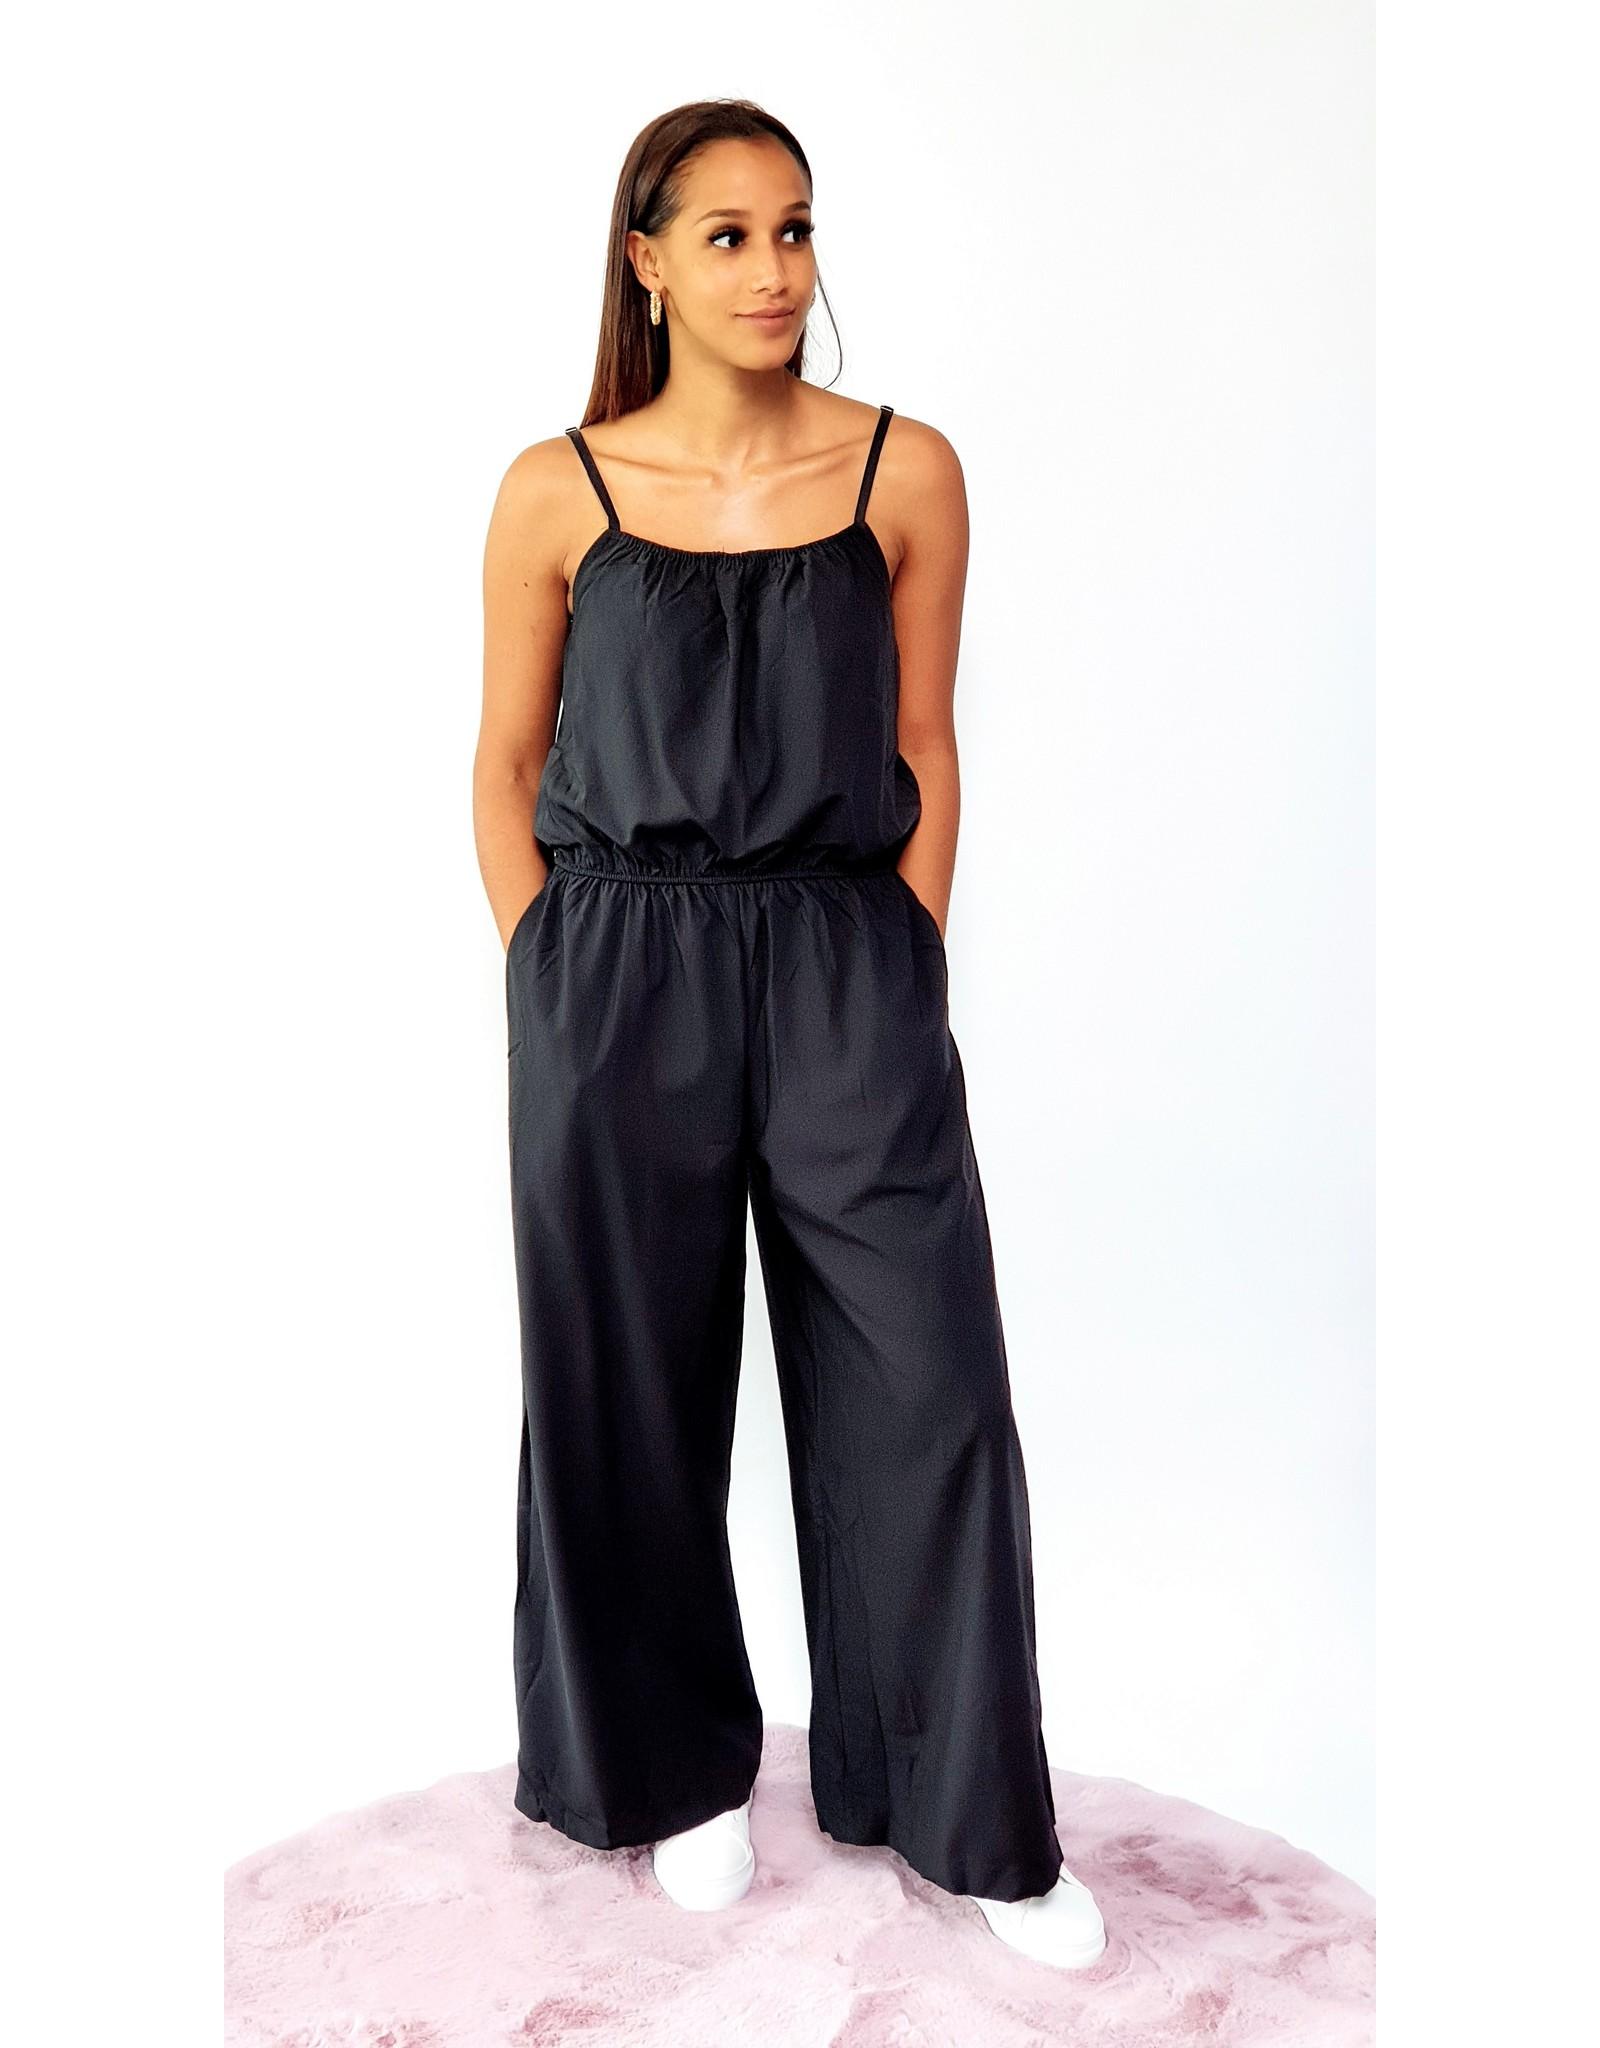 Thé little black jumpsuit